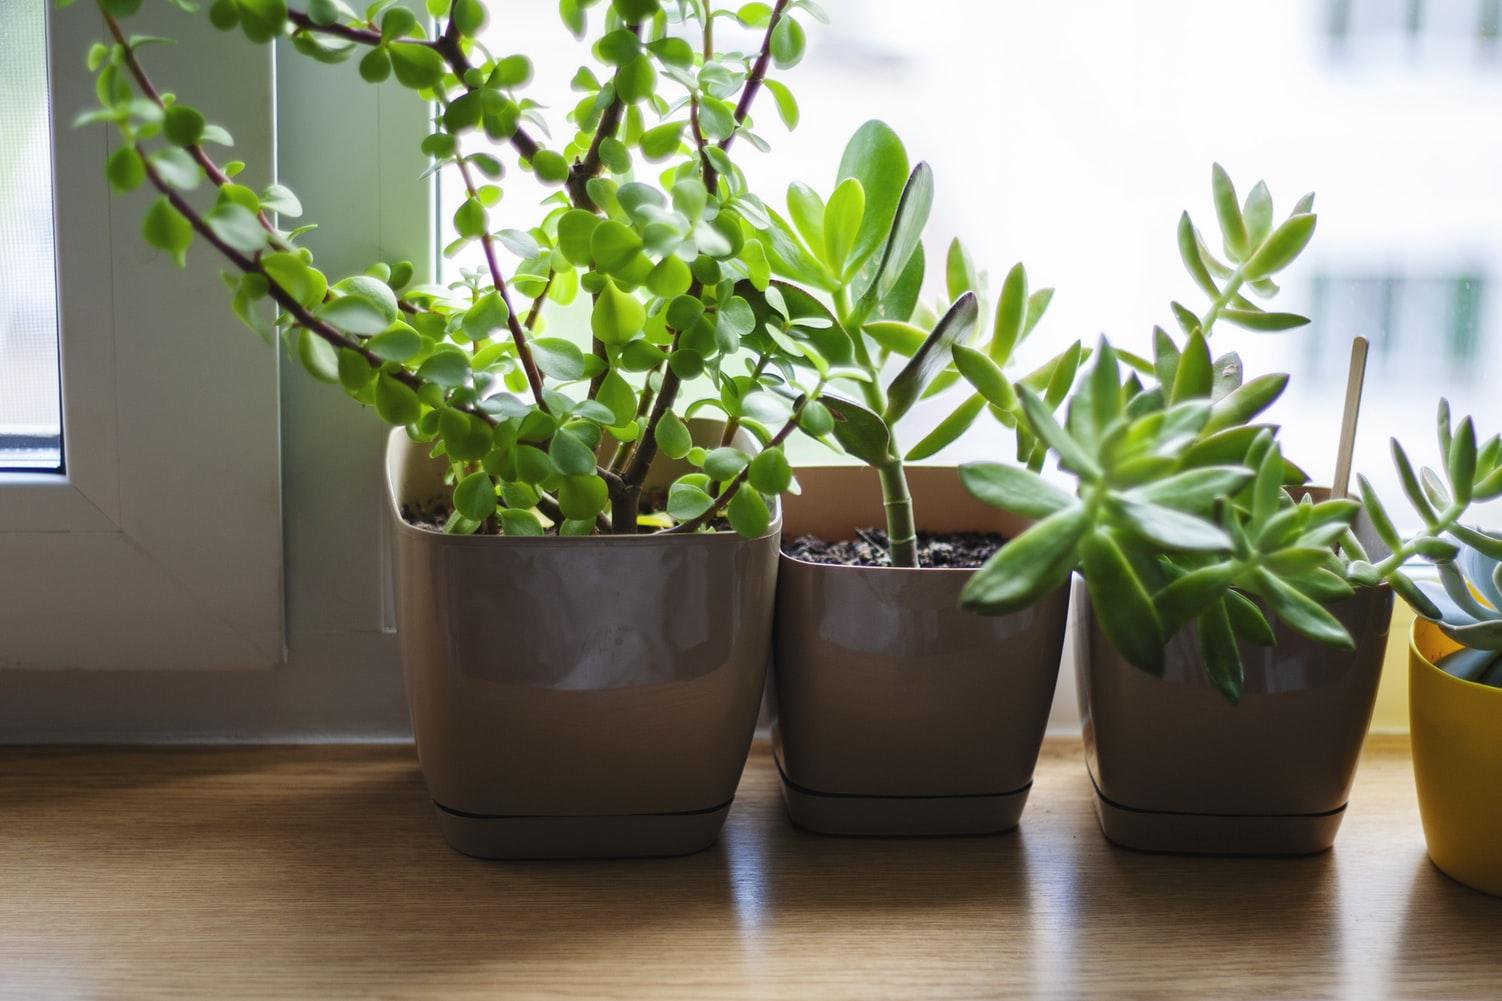 bitki bakımı